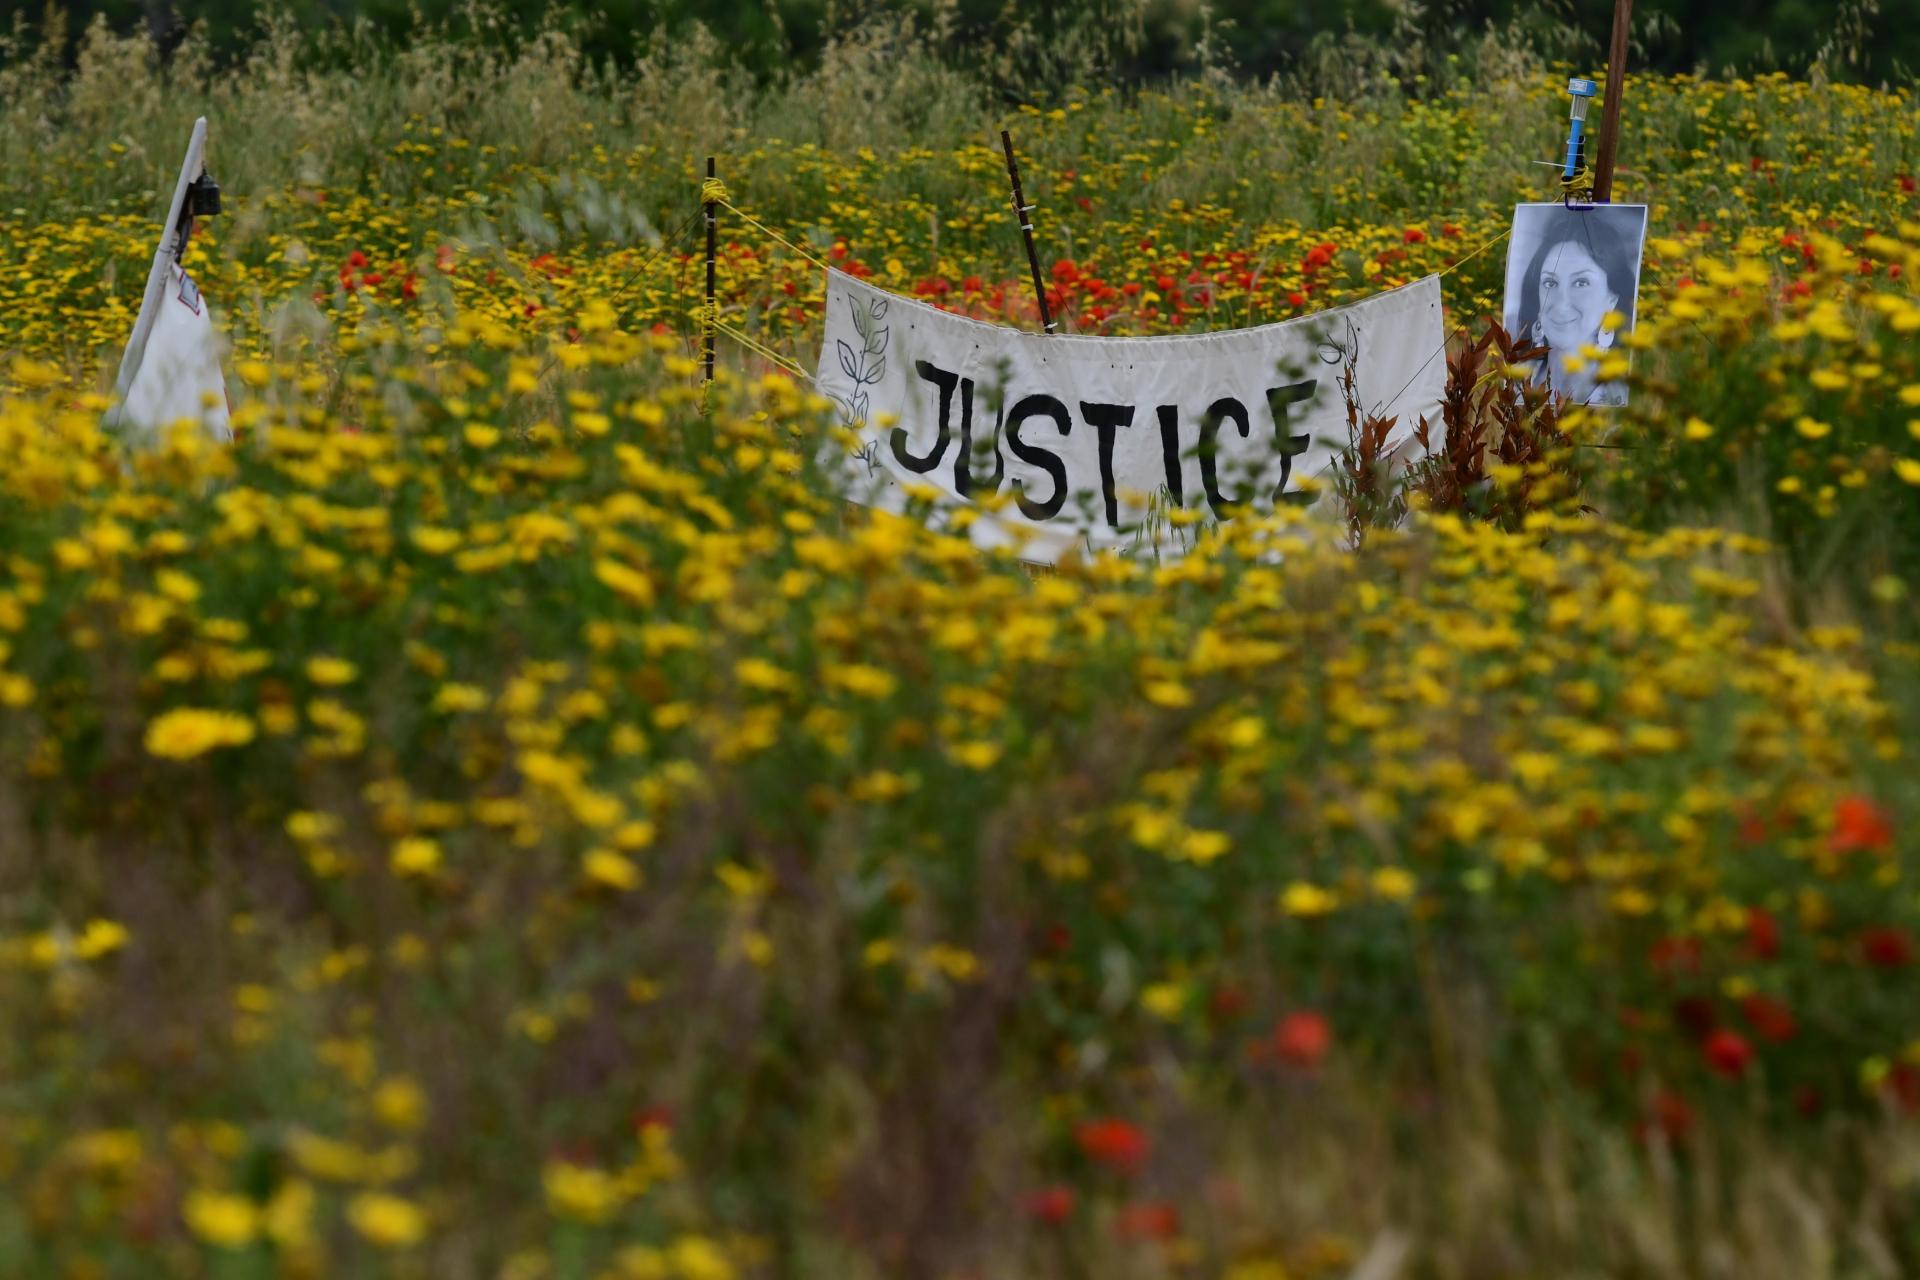 The site in Bidnija where Caruana Galizia was murdered.